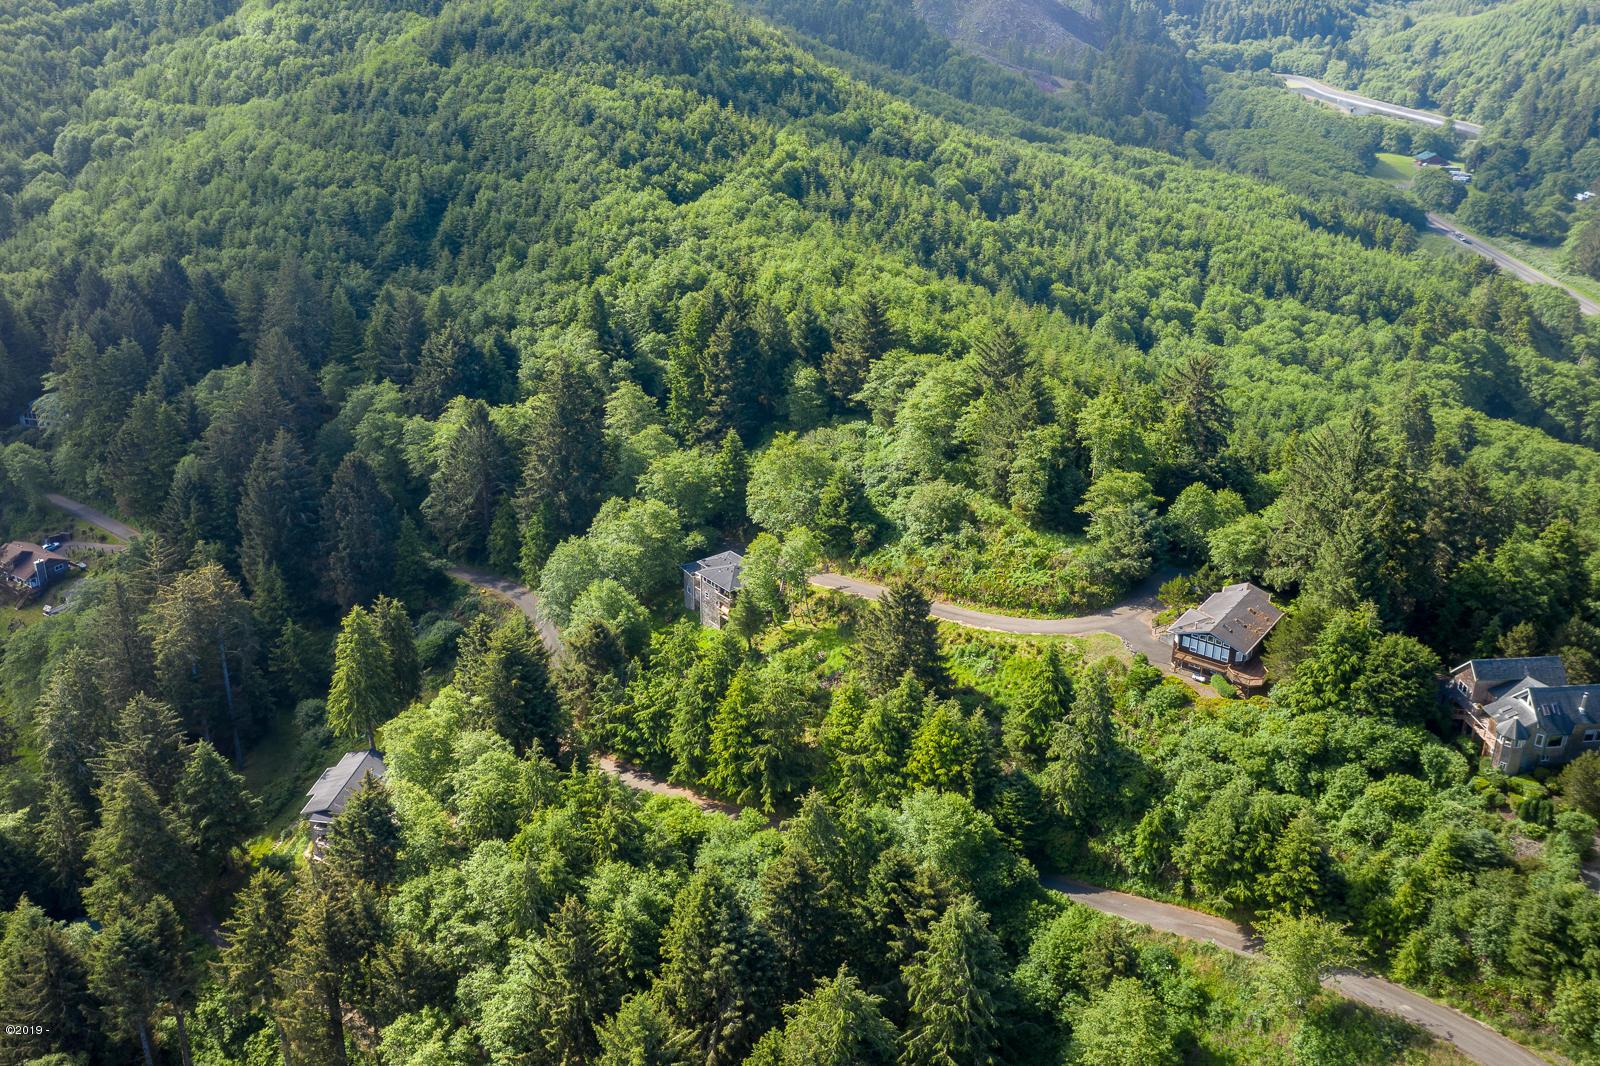 LOT 2400 Hilltop Lane, Neskowin, OR 97149 - 5050Hilltop-31